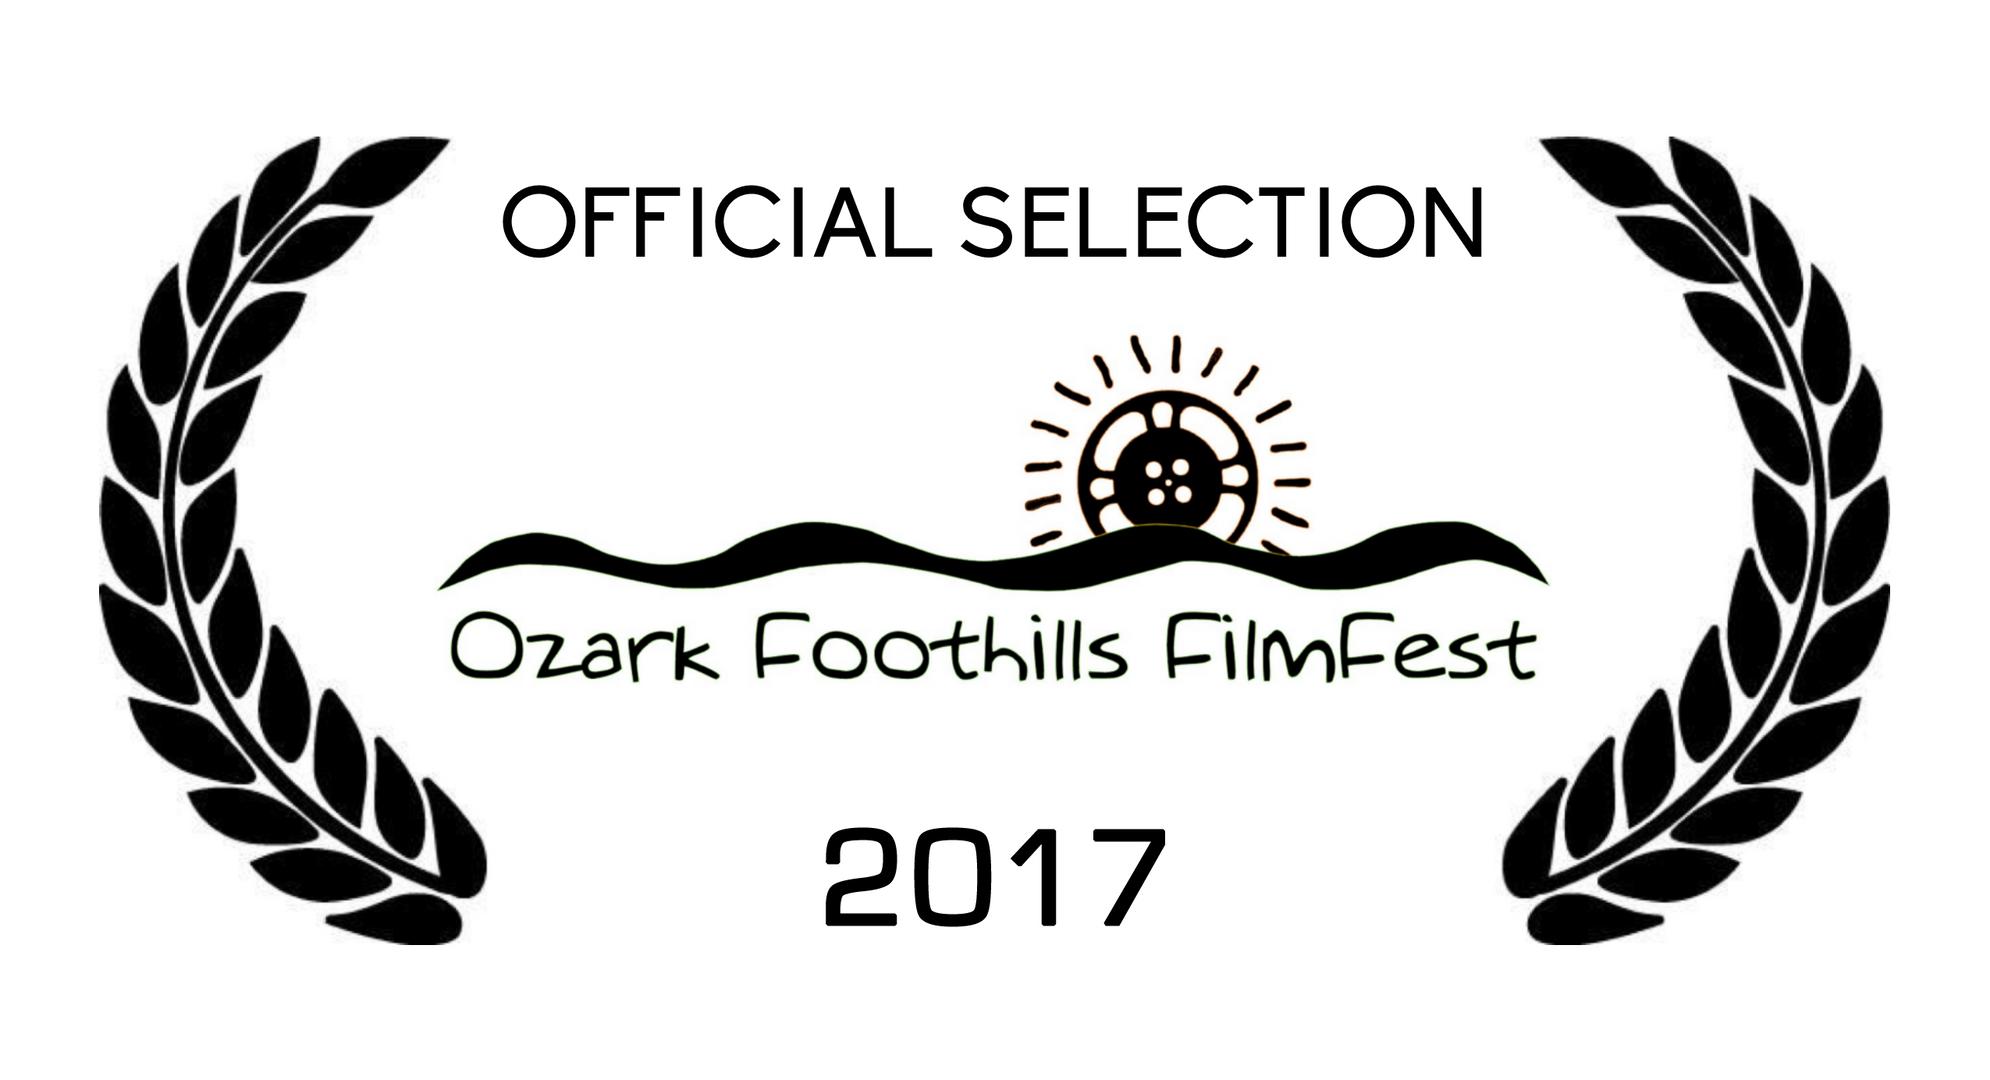 OzarkFoothilllsFilmFest.png